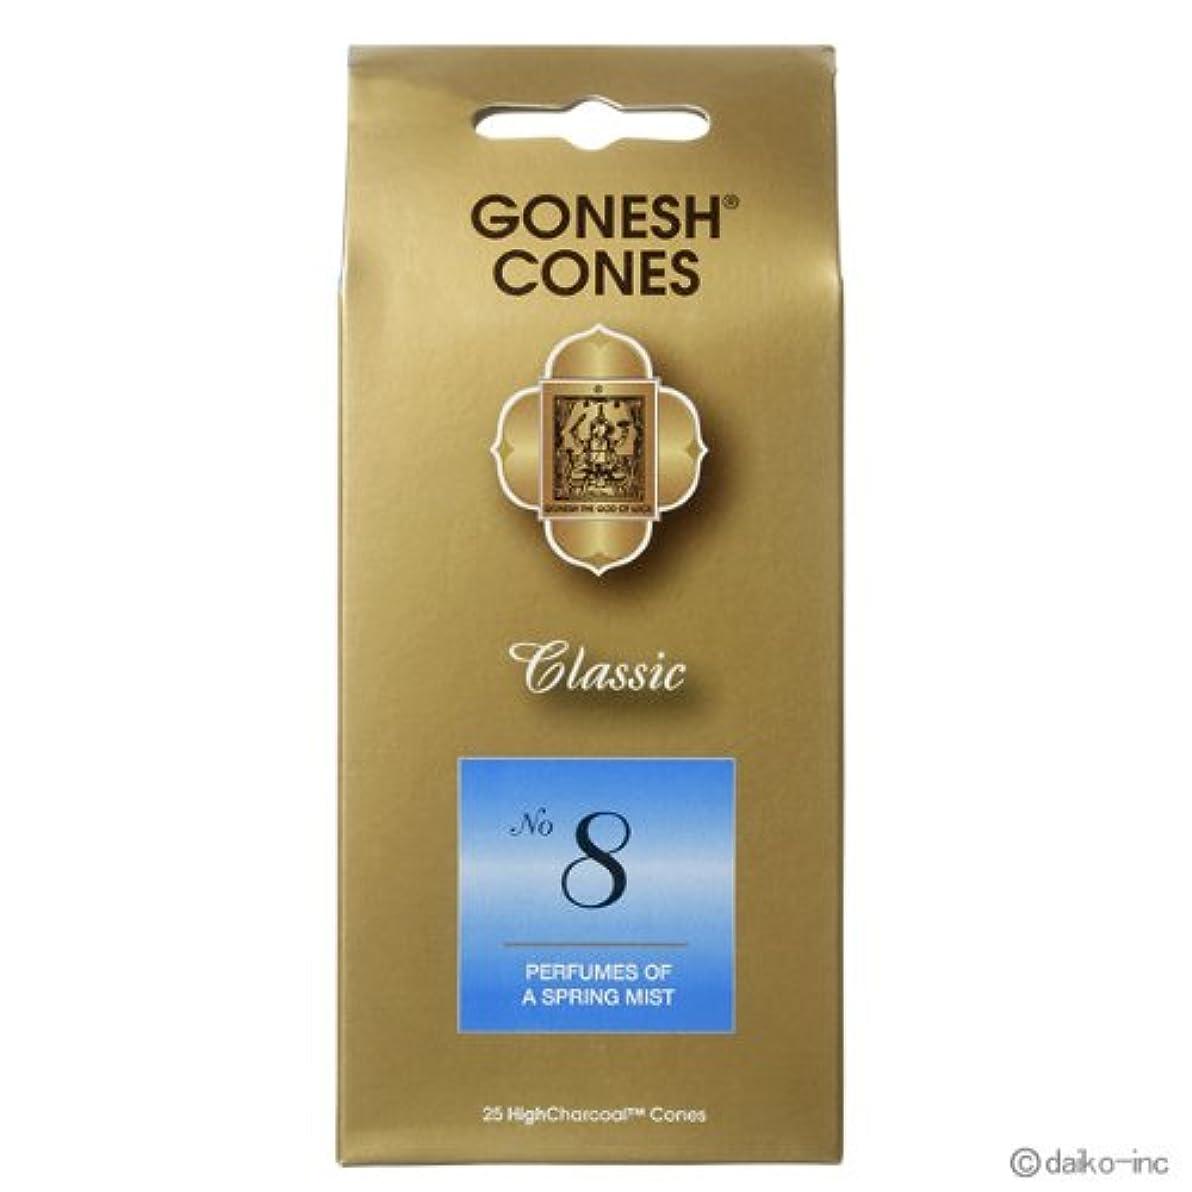 証言増幅に付けるガーネッシュ GONESH クラシック No.8 お香コーン25ヶ入 6個セット